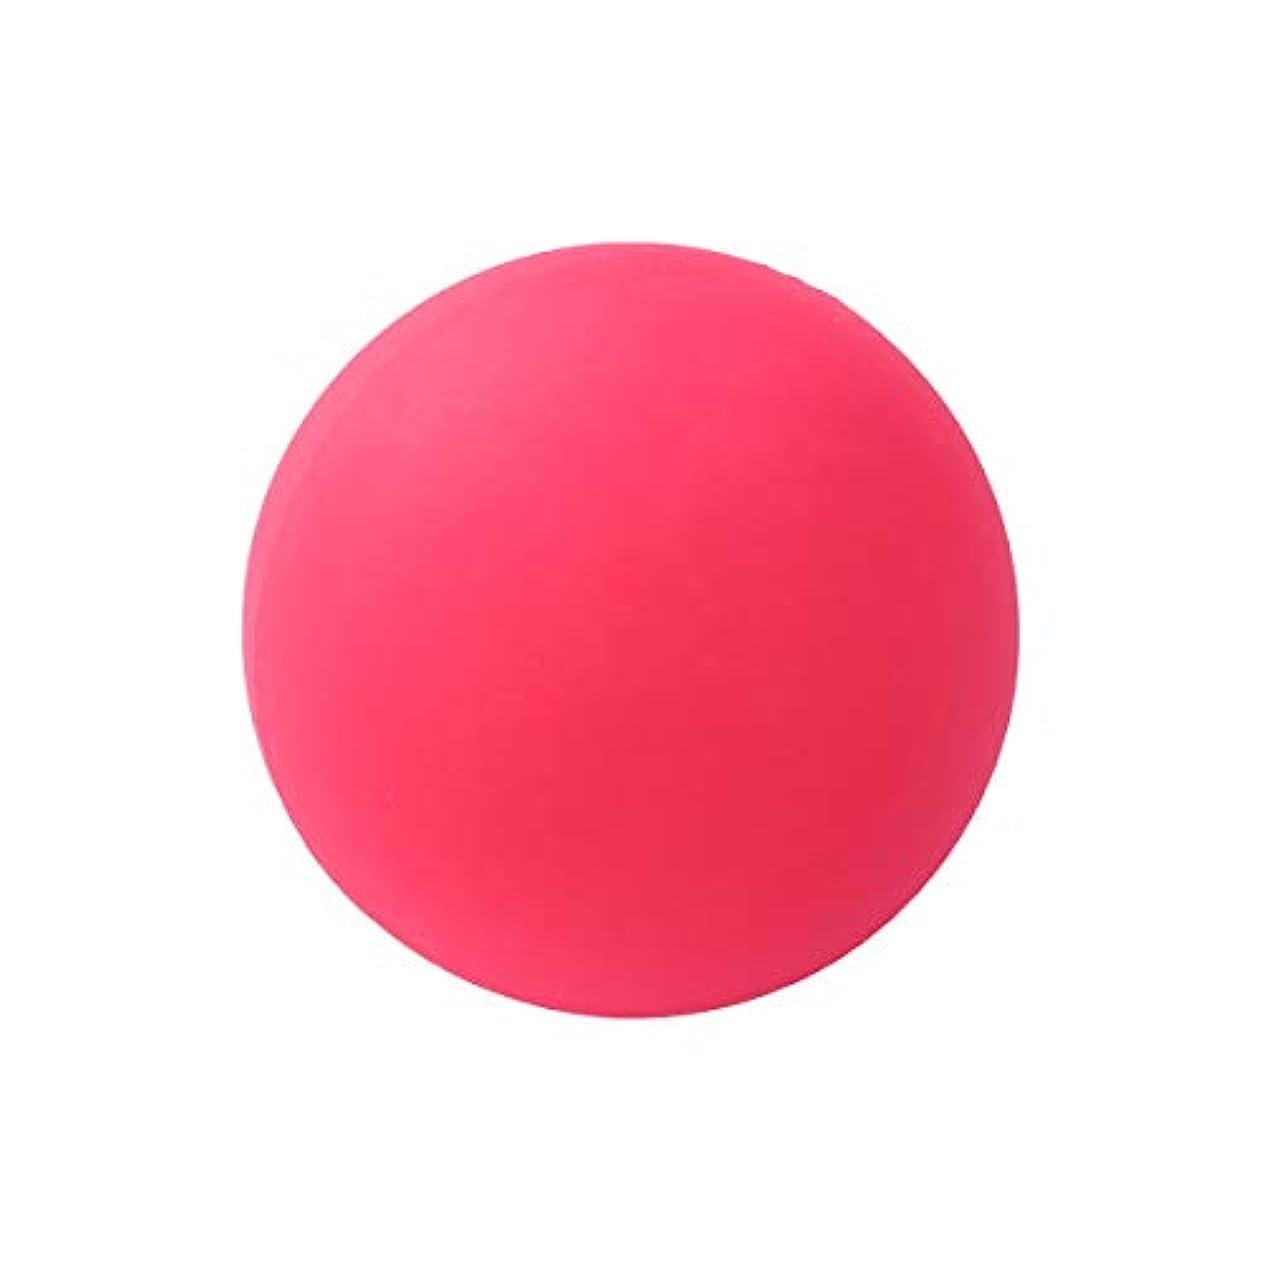 パシフィック掘る現実的VORCOOL マッサージボール ヨガ ストレッチボール トリガーポイント 筋膜リリース トレーニング 背中 肩こり 腰 ふくらはぎ 足裏 ツボ押しグッズ 物理 マッサージ 療法ボール